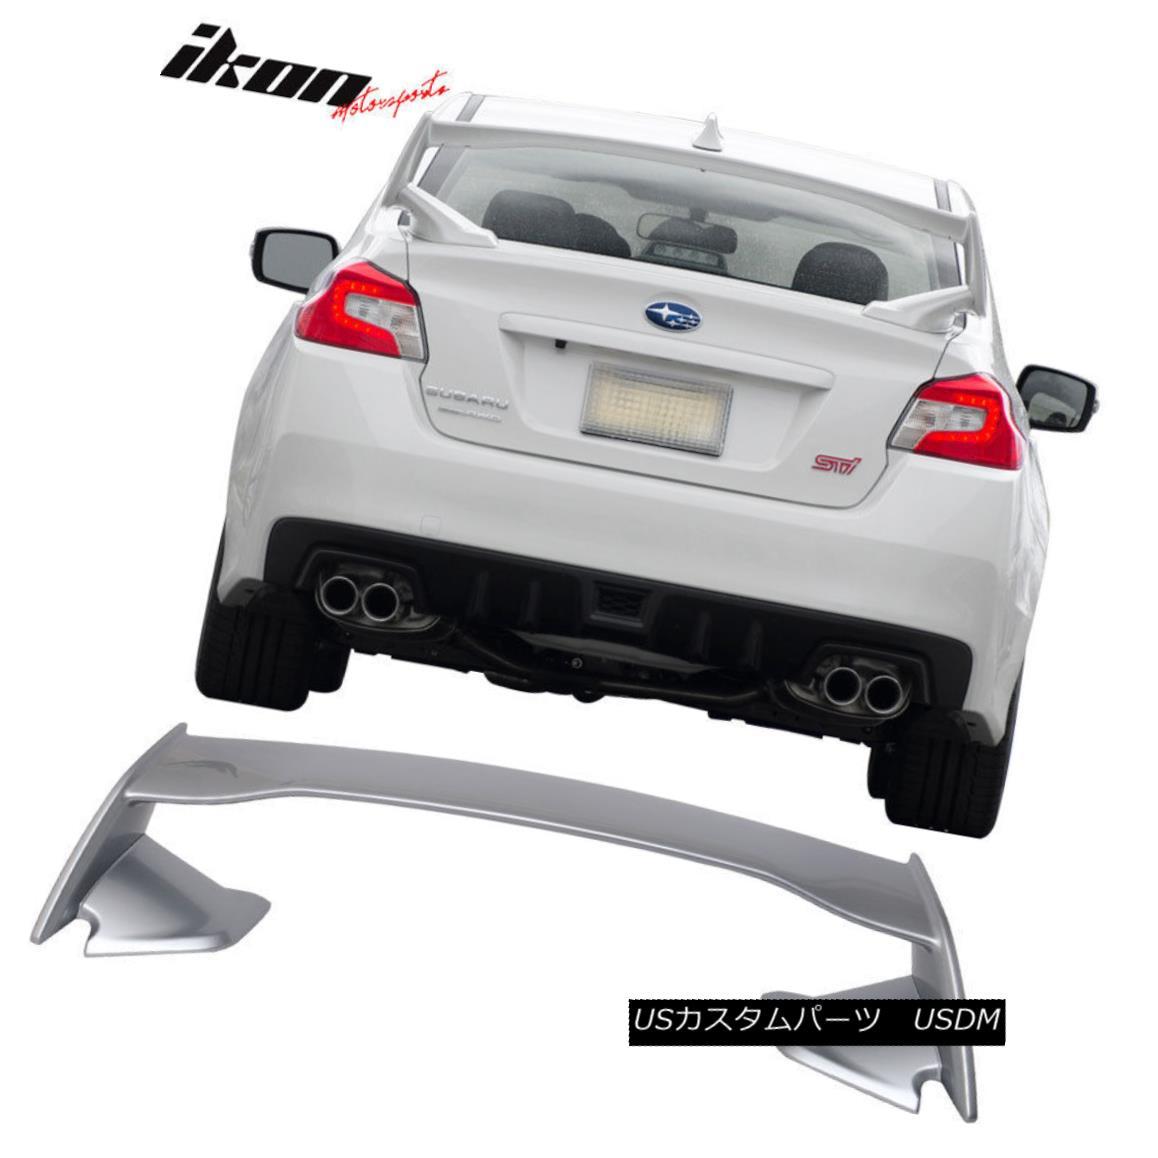 エアロパーツ For 15-18 Subaru WRX STI ABS Trunk Spoiler Painted #G1U Ice Silver Metallic 15-18スバルWRX STI用ABSトランク・スポイラー塗装#G1Uアイスシルバー・メタリック